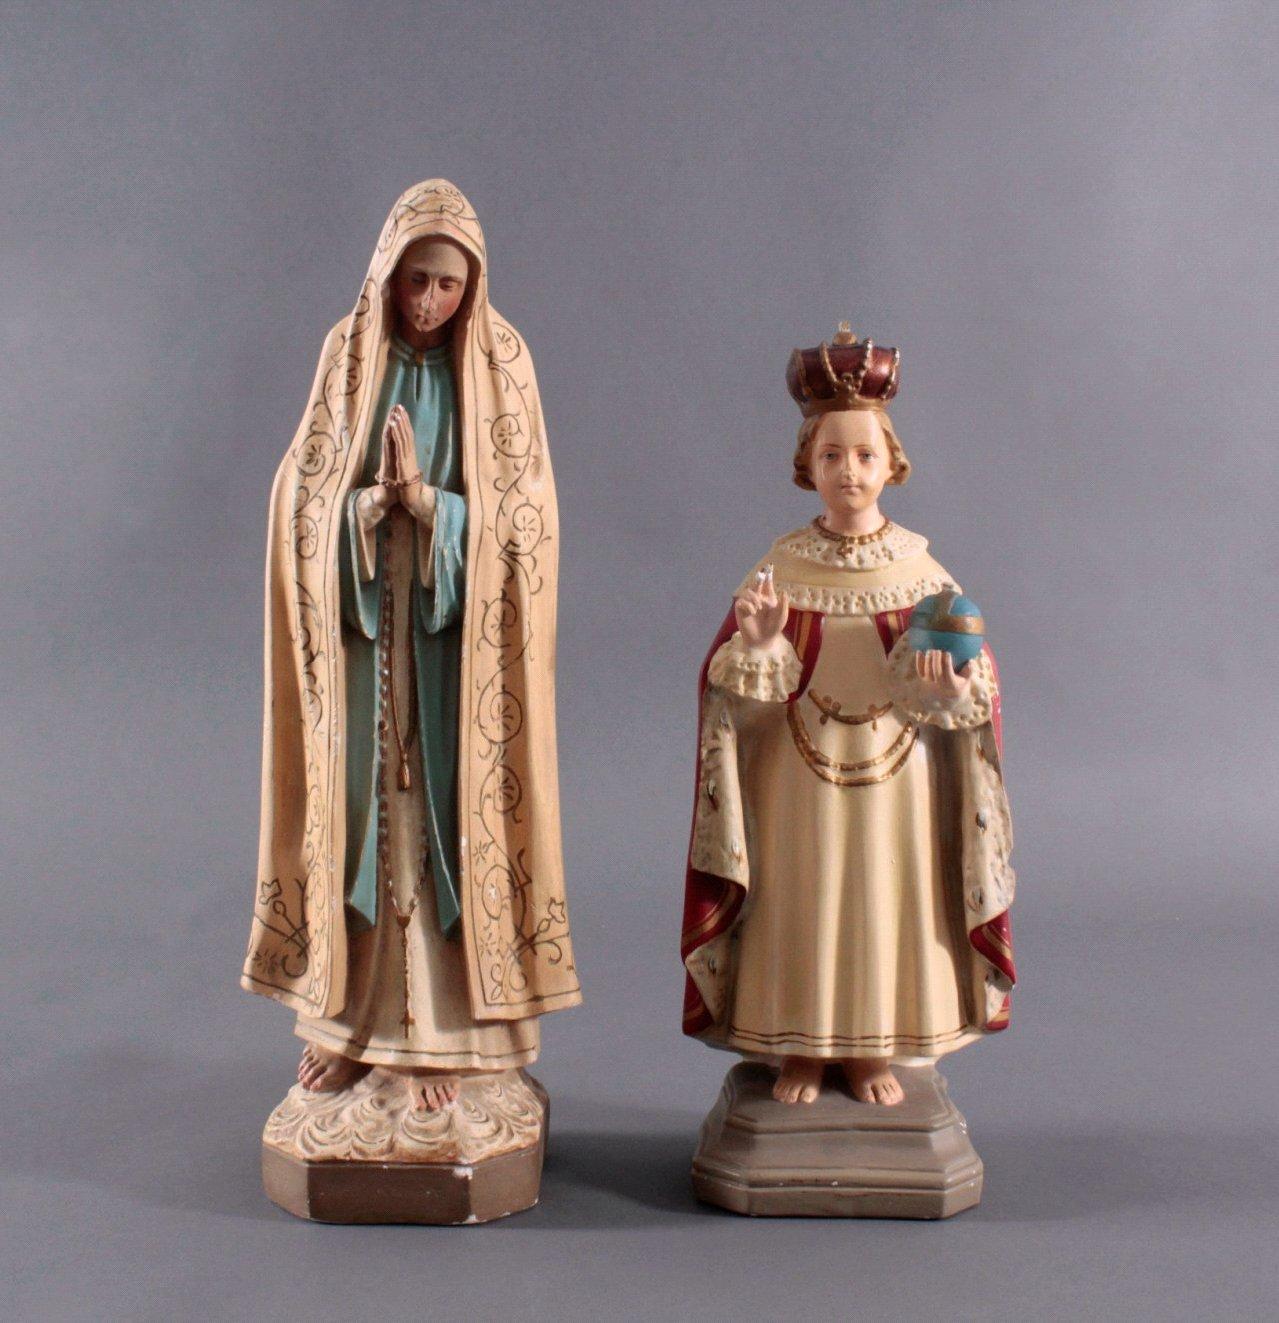 Zwei Heiligenfiguren, Lourdes-Madonna und Prager Jesuskind